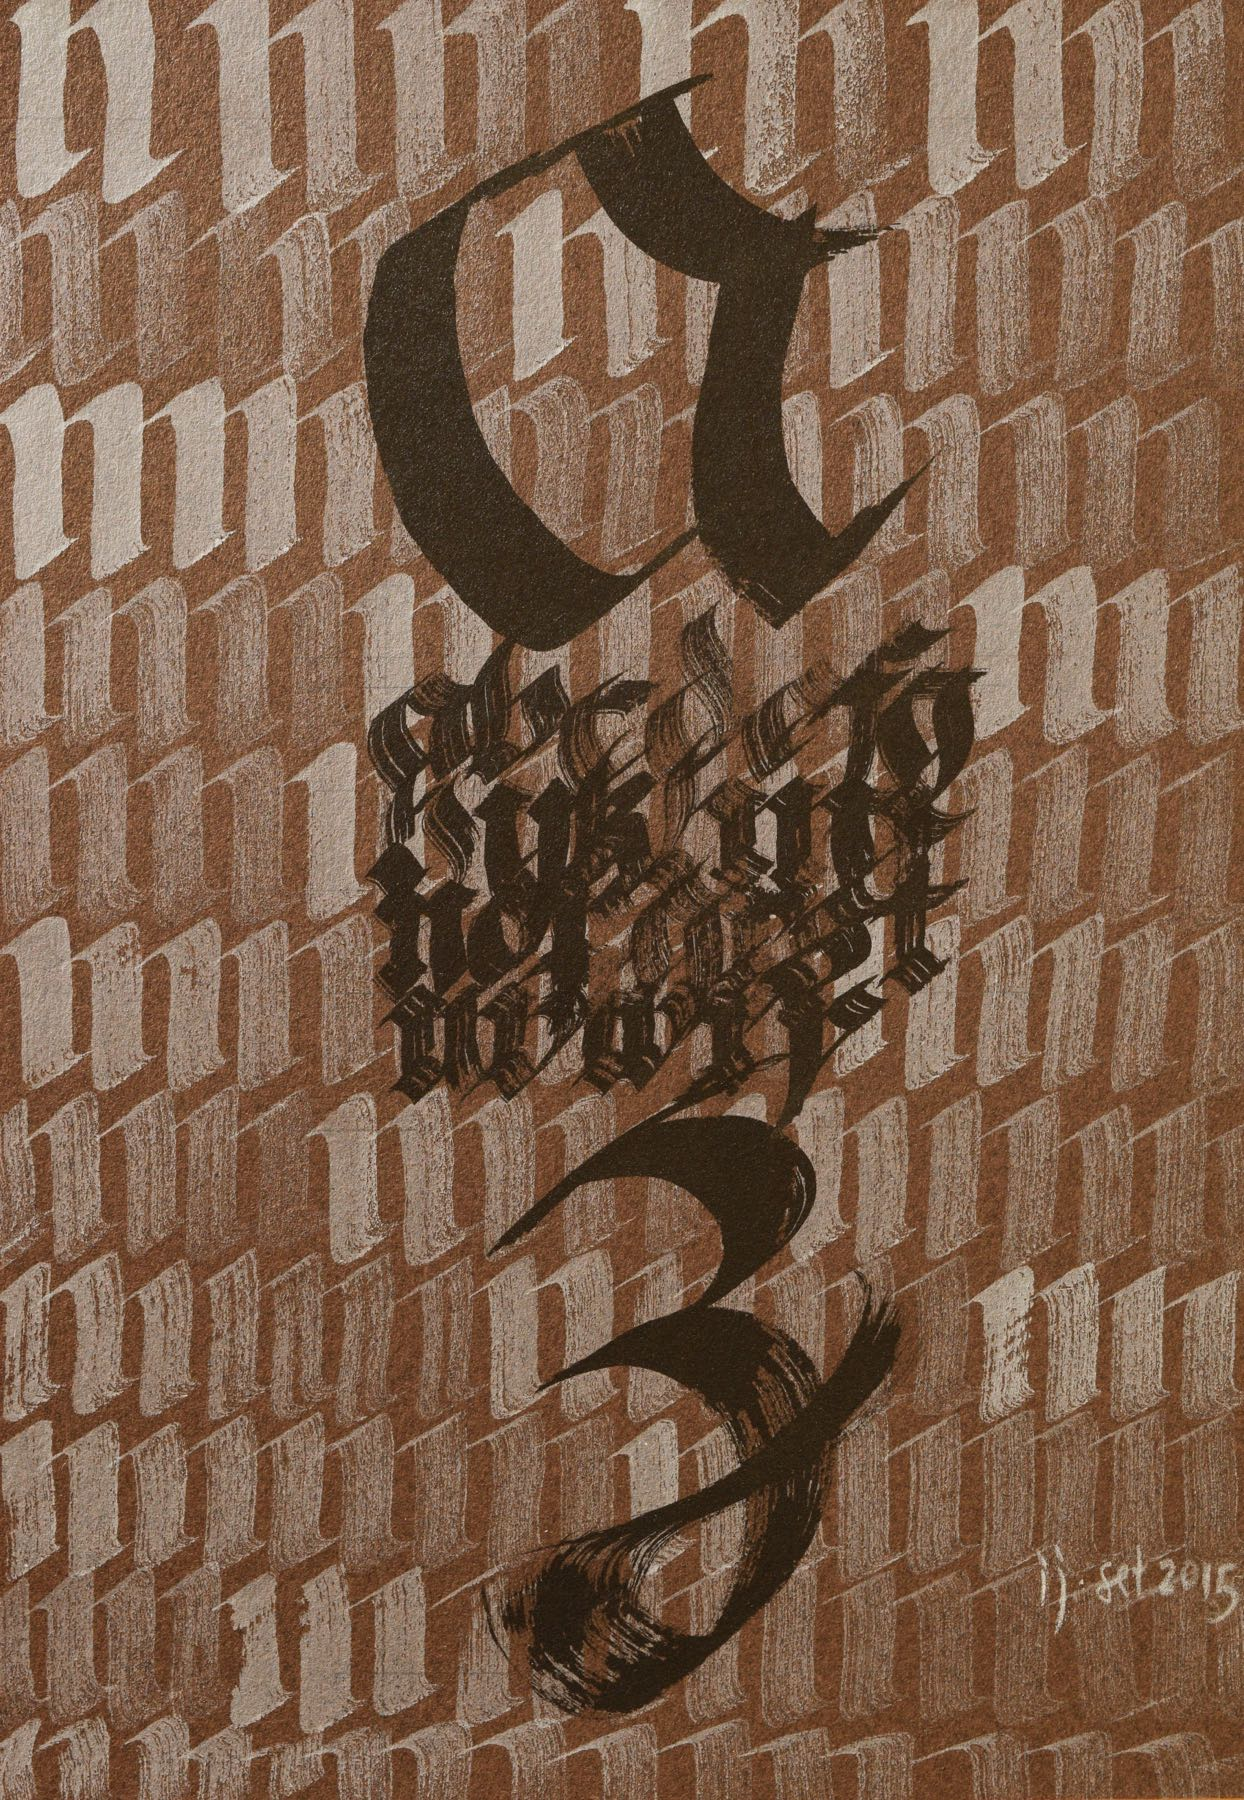 """Caligrafia com letras em preto sobre fundo de letras """"m"""" em branco sobre papel marrom"""